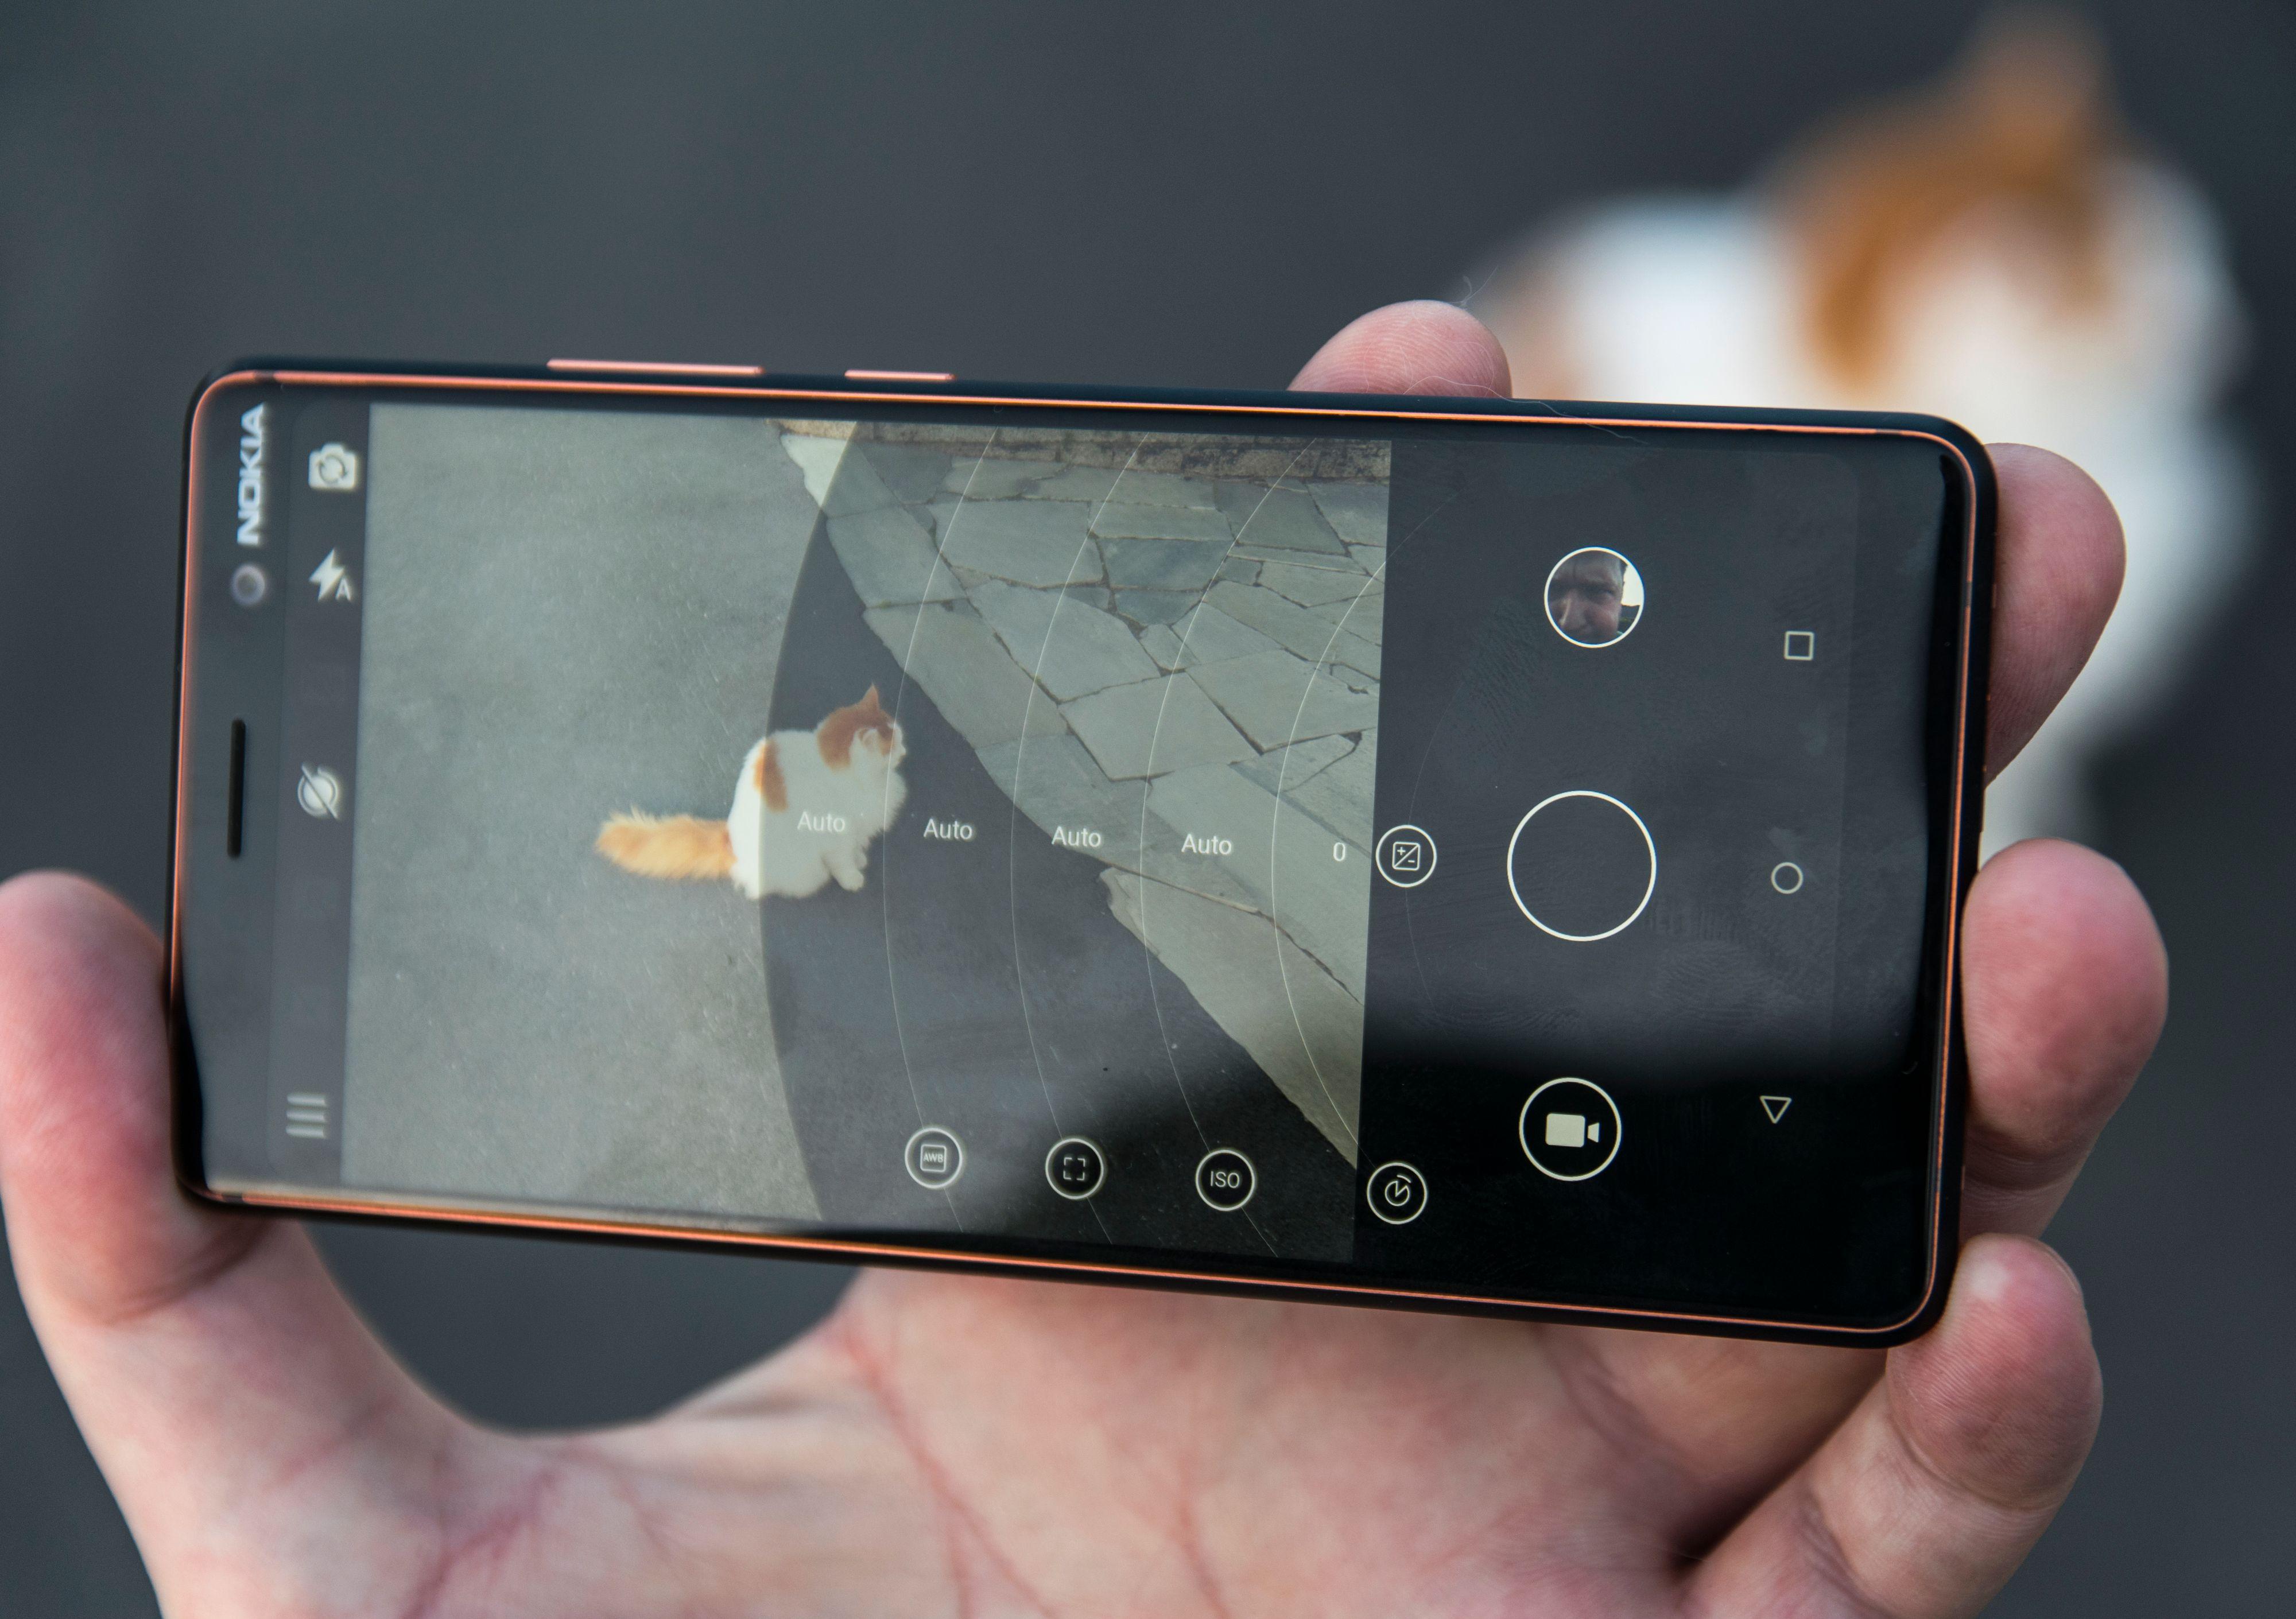 Kameraet er én av de viktigste fordelene med denne telefonen, og funksjonene fra Pro Camera-appen som ble kjent i Nokia Lumia-telefonene.